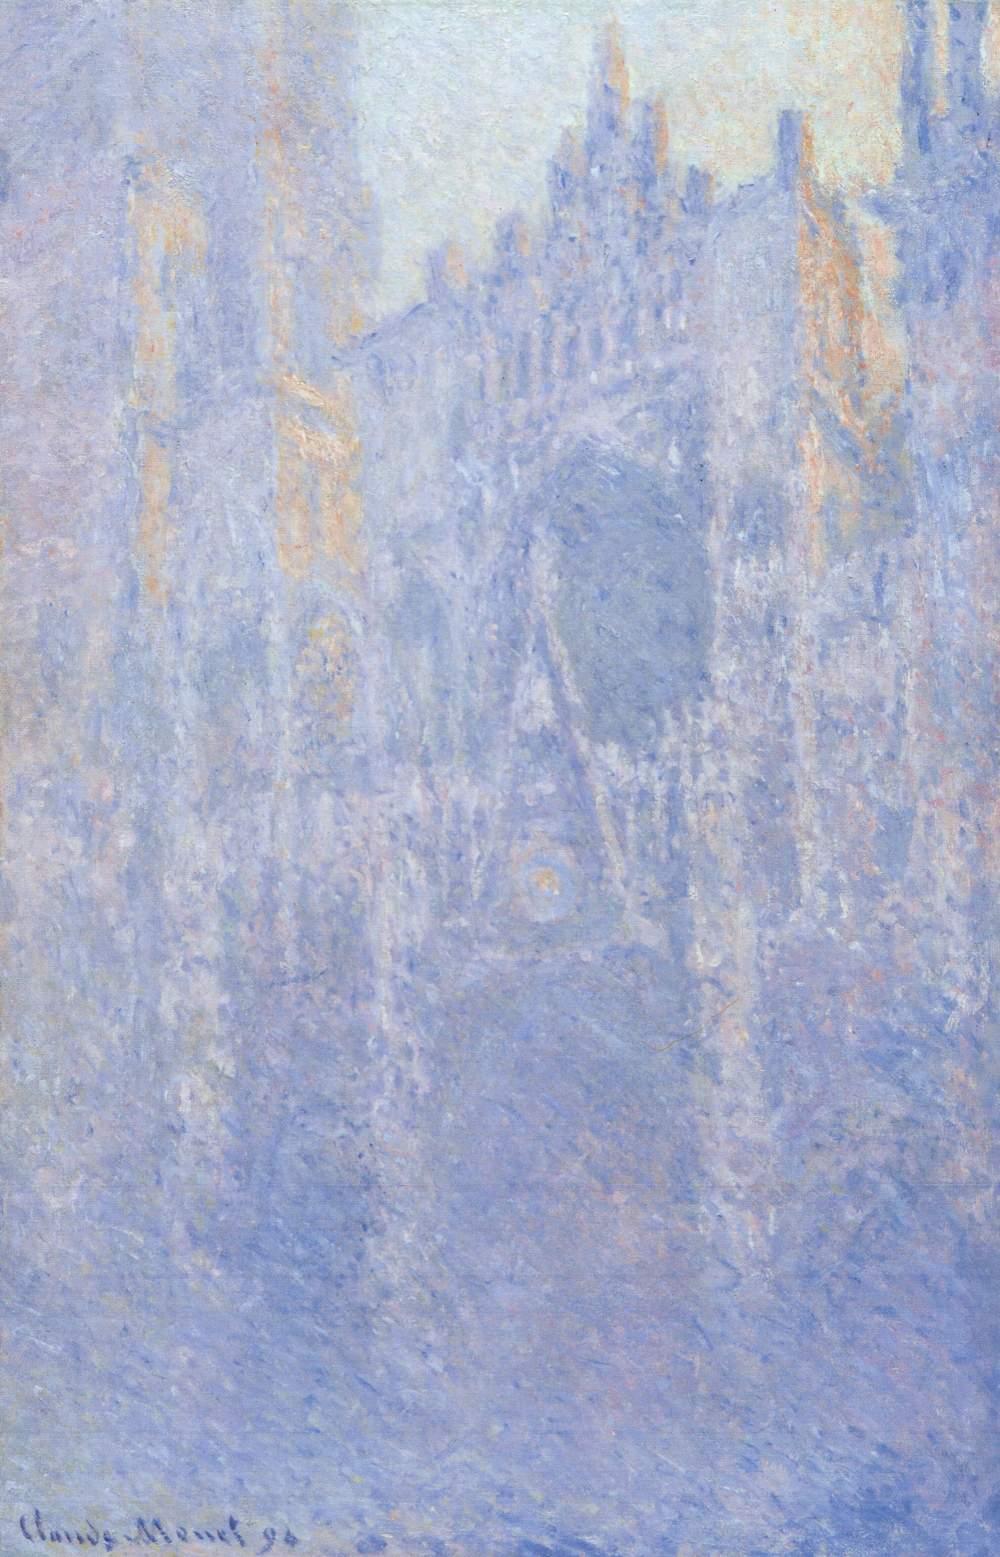 Claude_Monet_-_Rouen_Cathedral,_Facade_(Morning_effect)